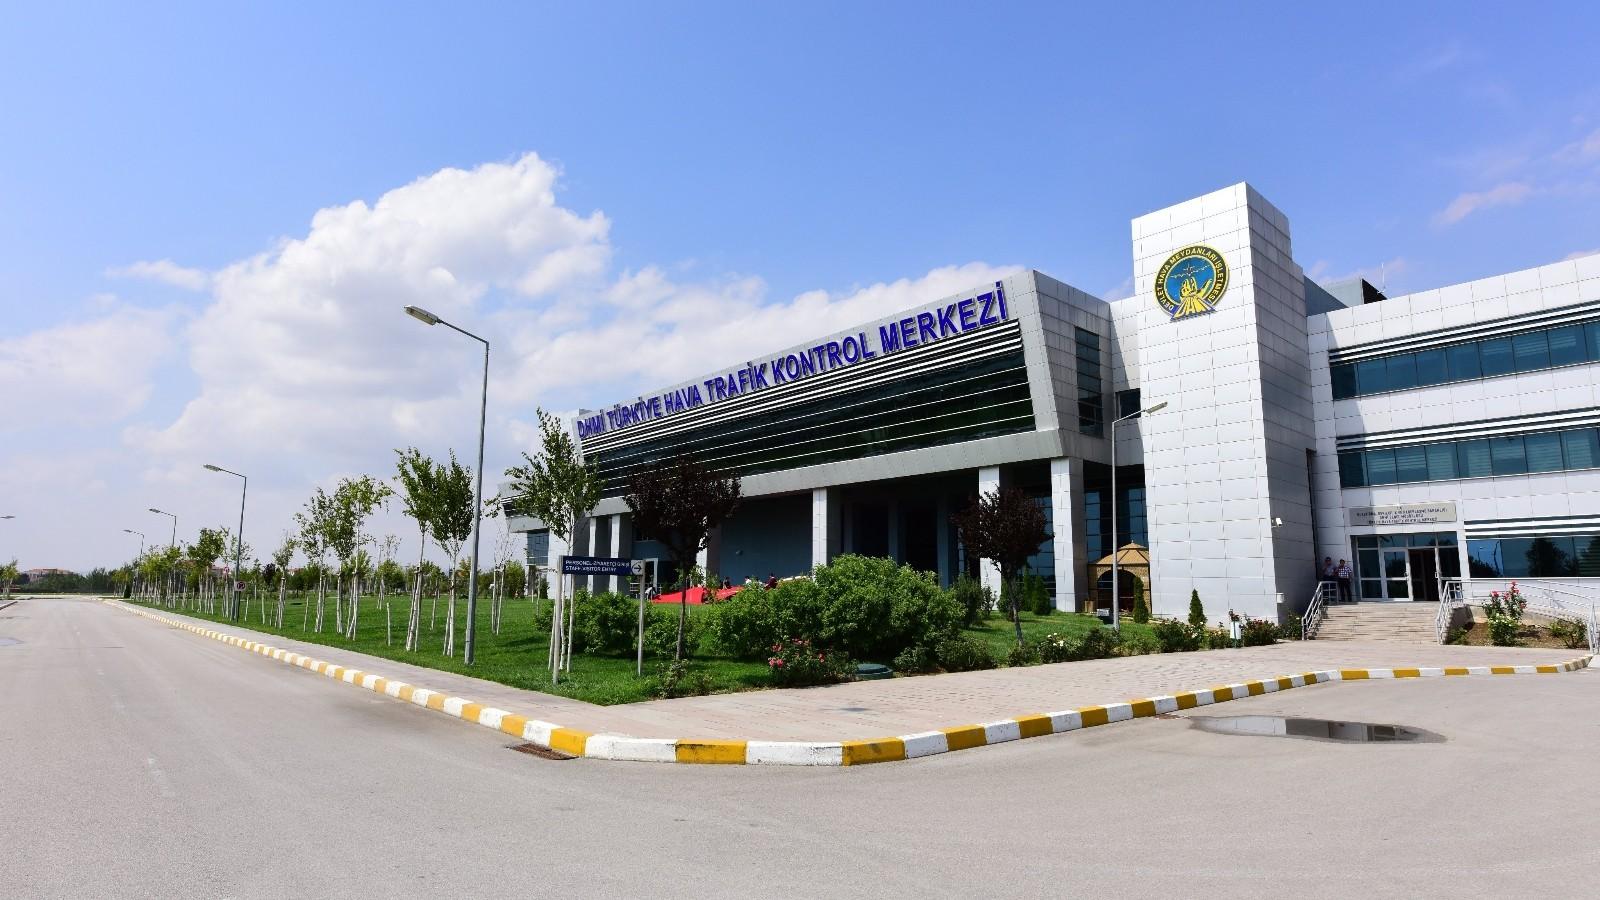 Hava trafik kontrol hizmetinde Devlet Hava Meydanları İşletmesi Avrupa birincisi!